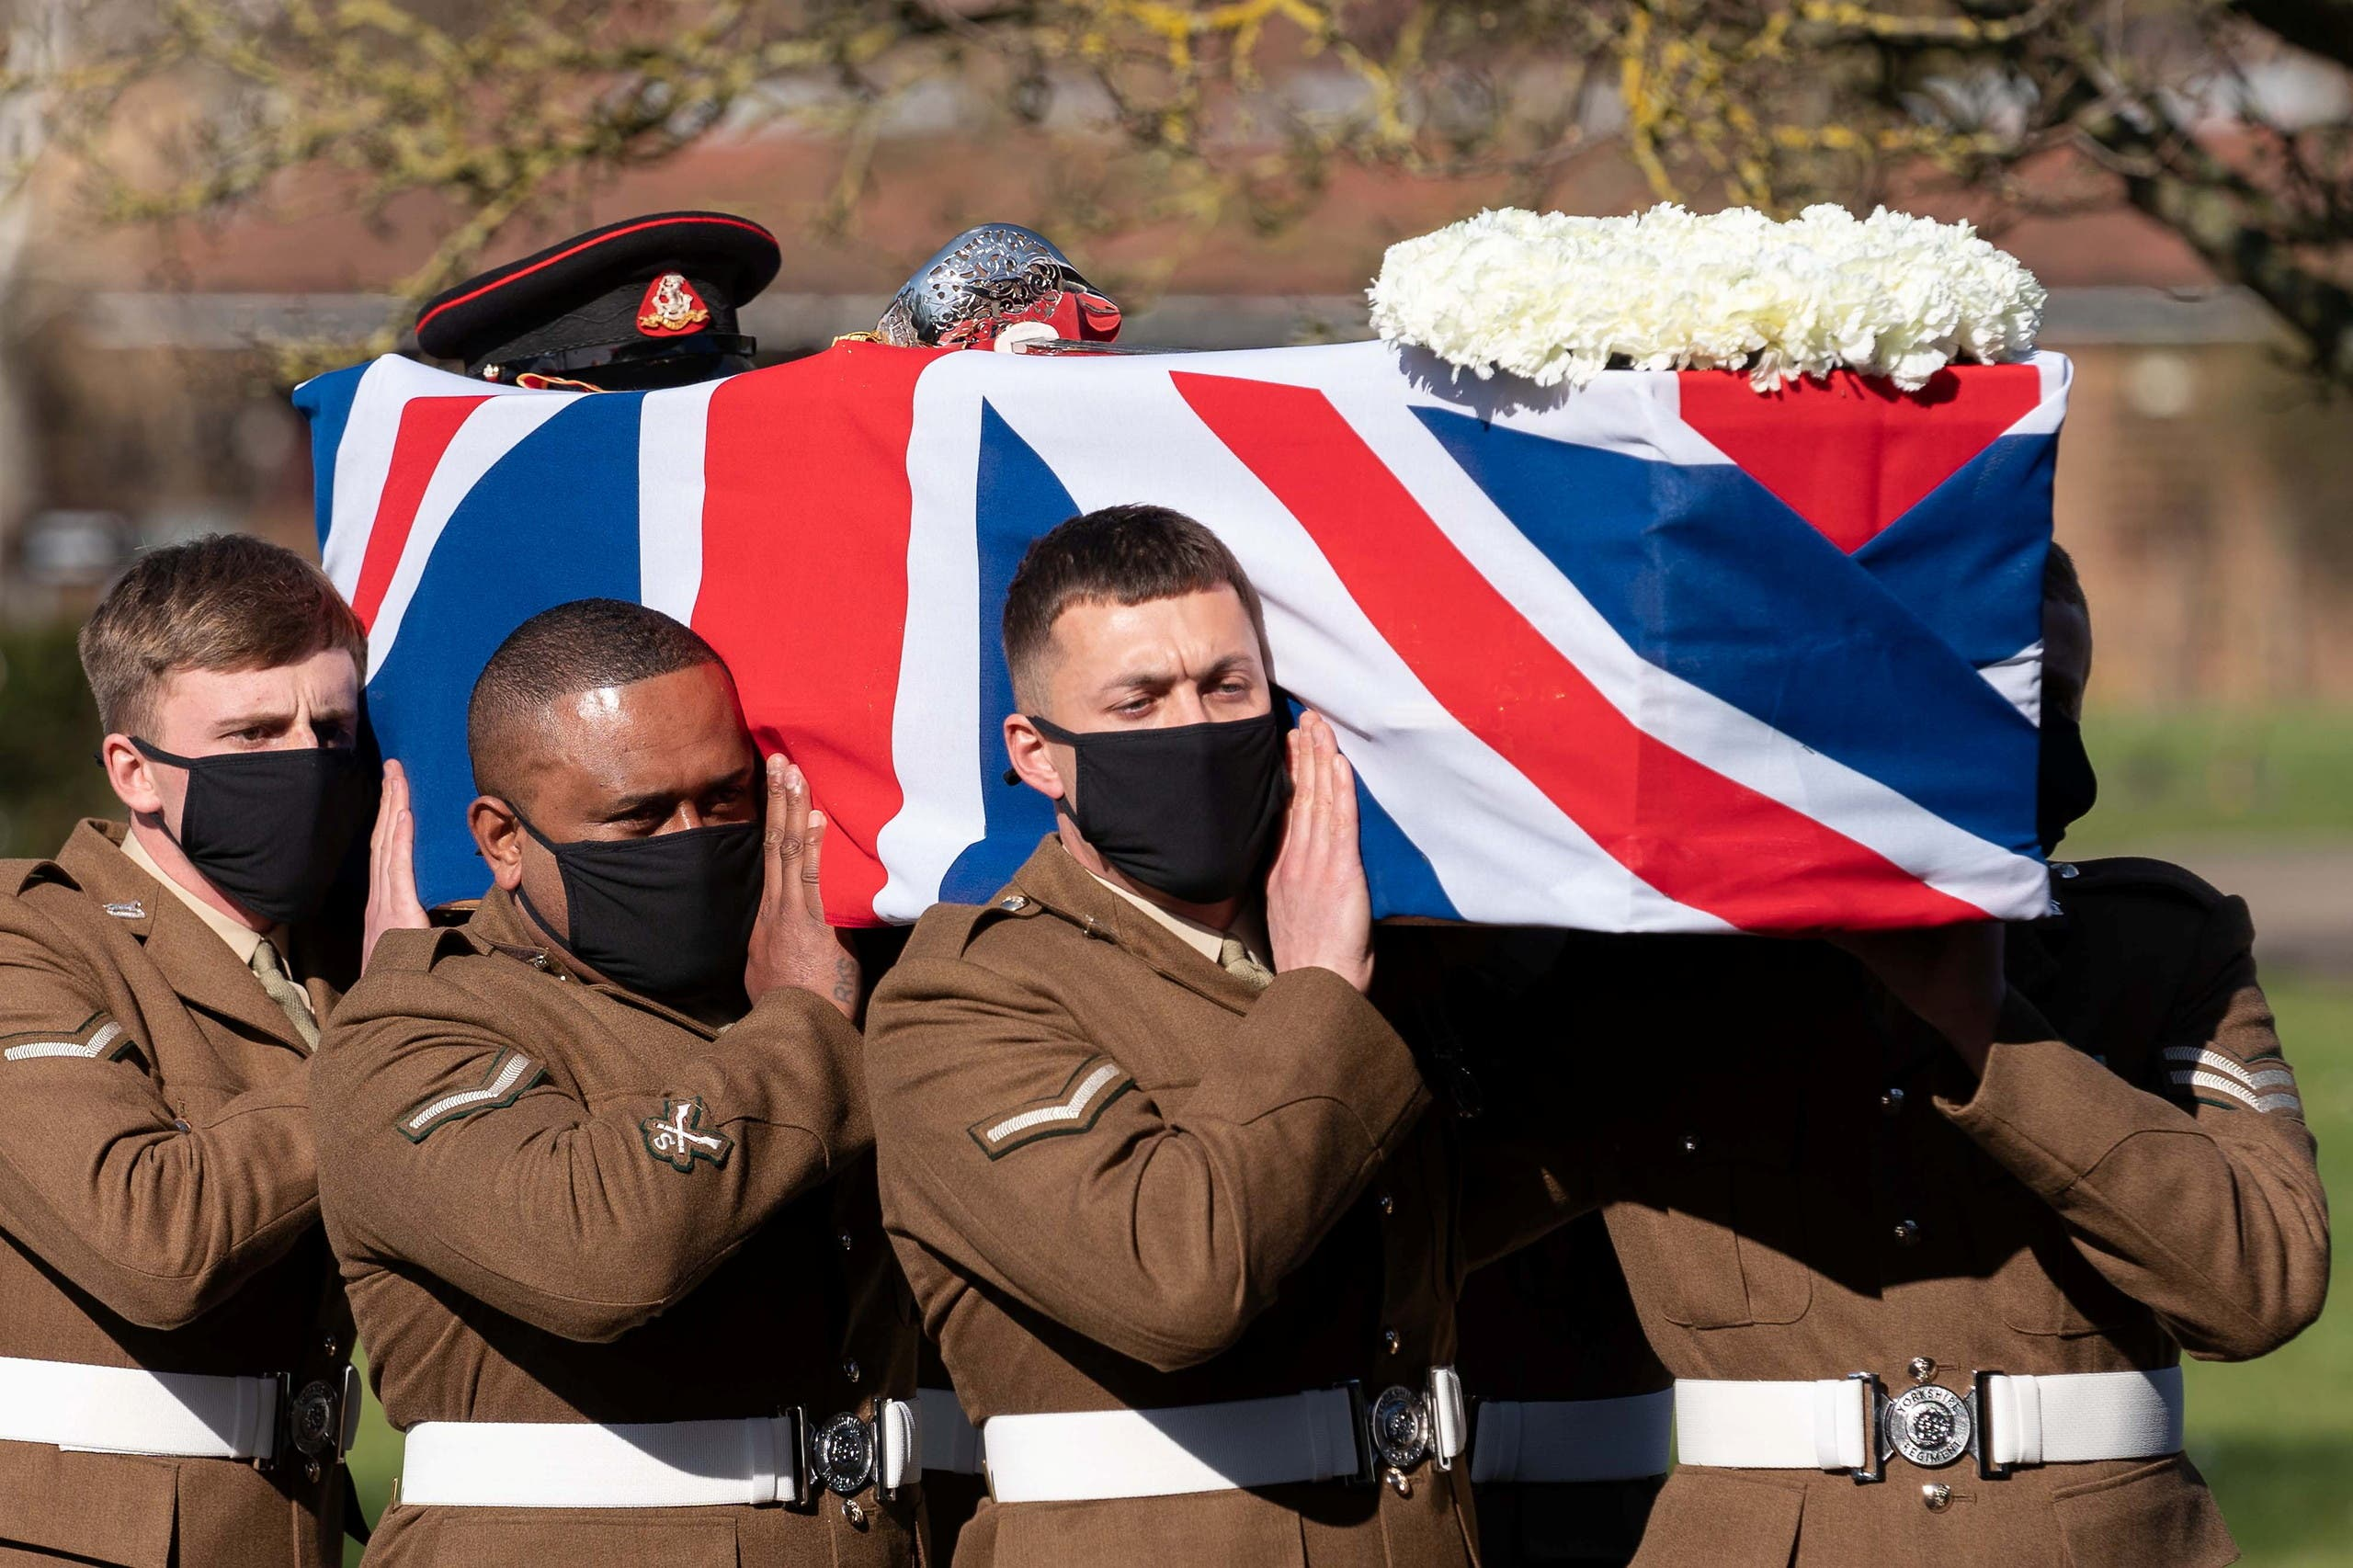 من جنازة الكابتن توم